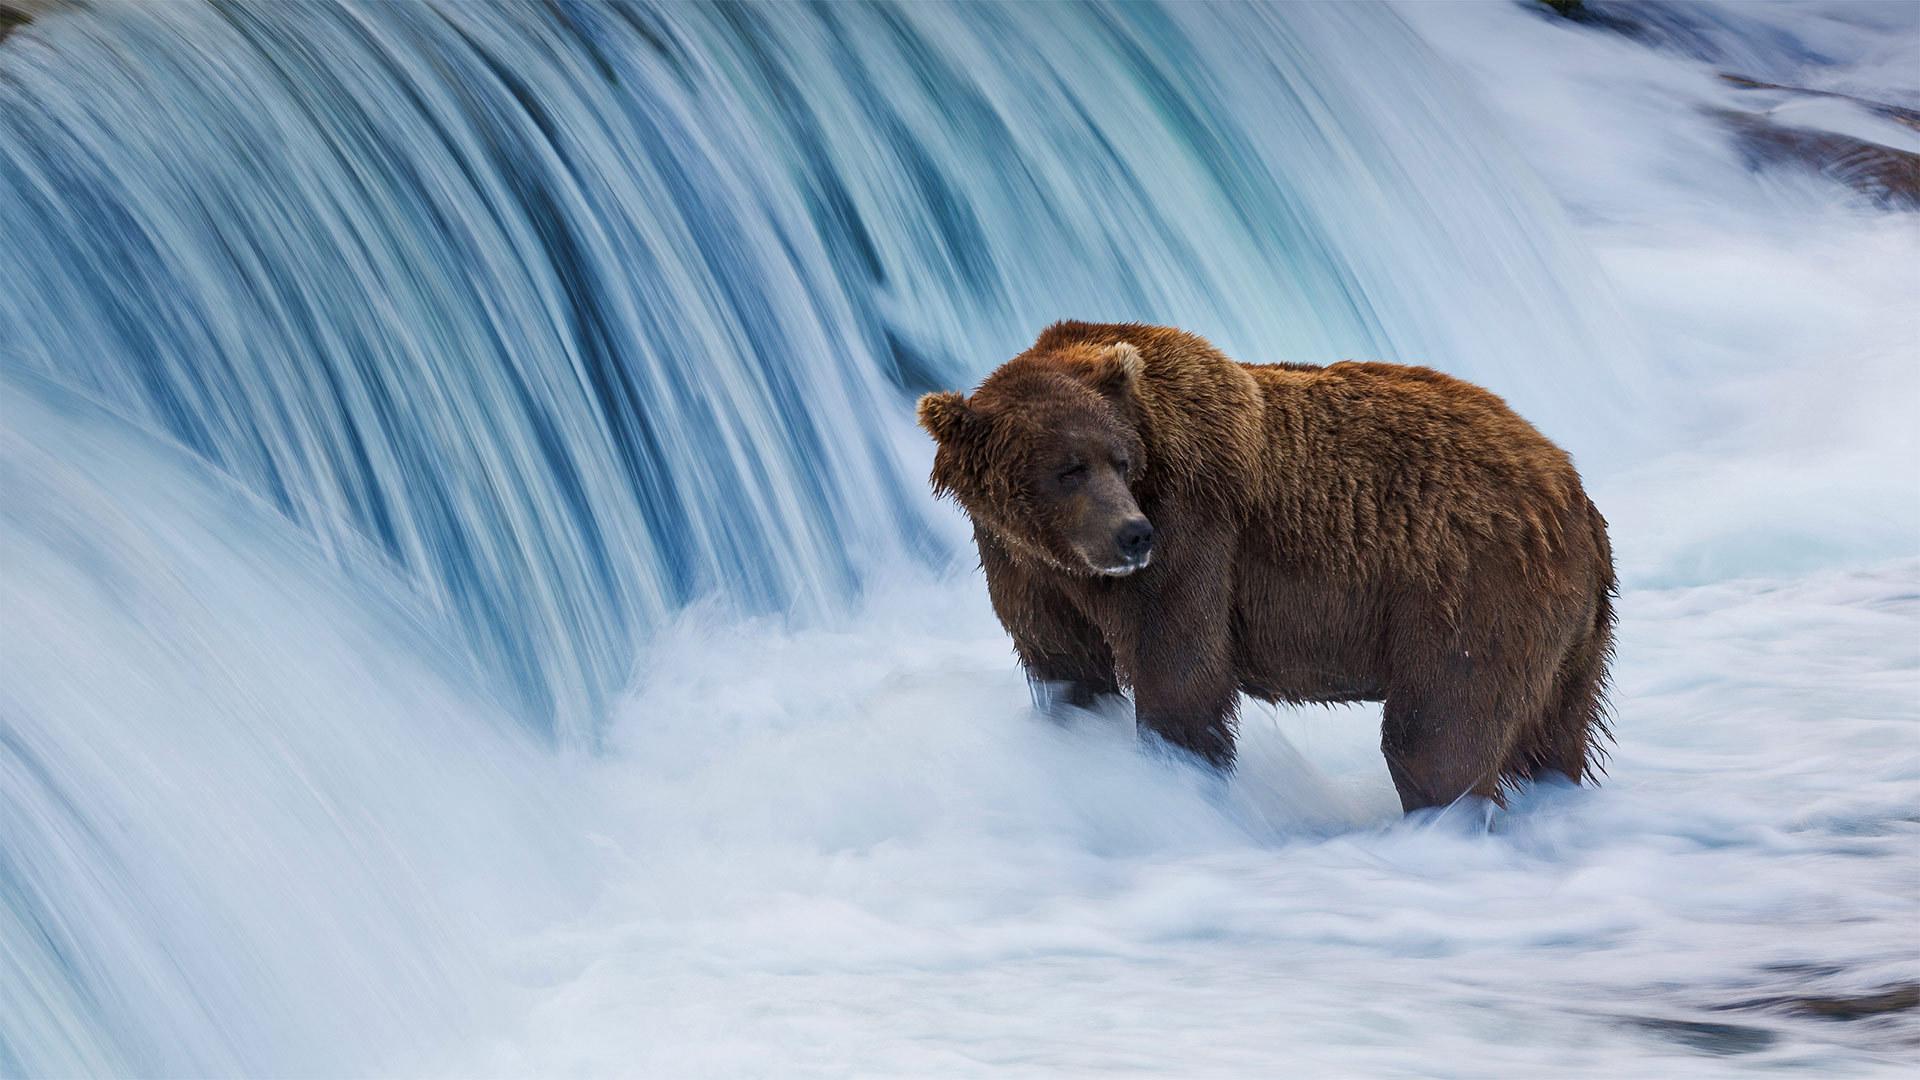 布鲁克斯河中的棕熊布鲁克斯河